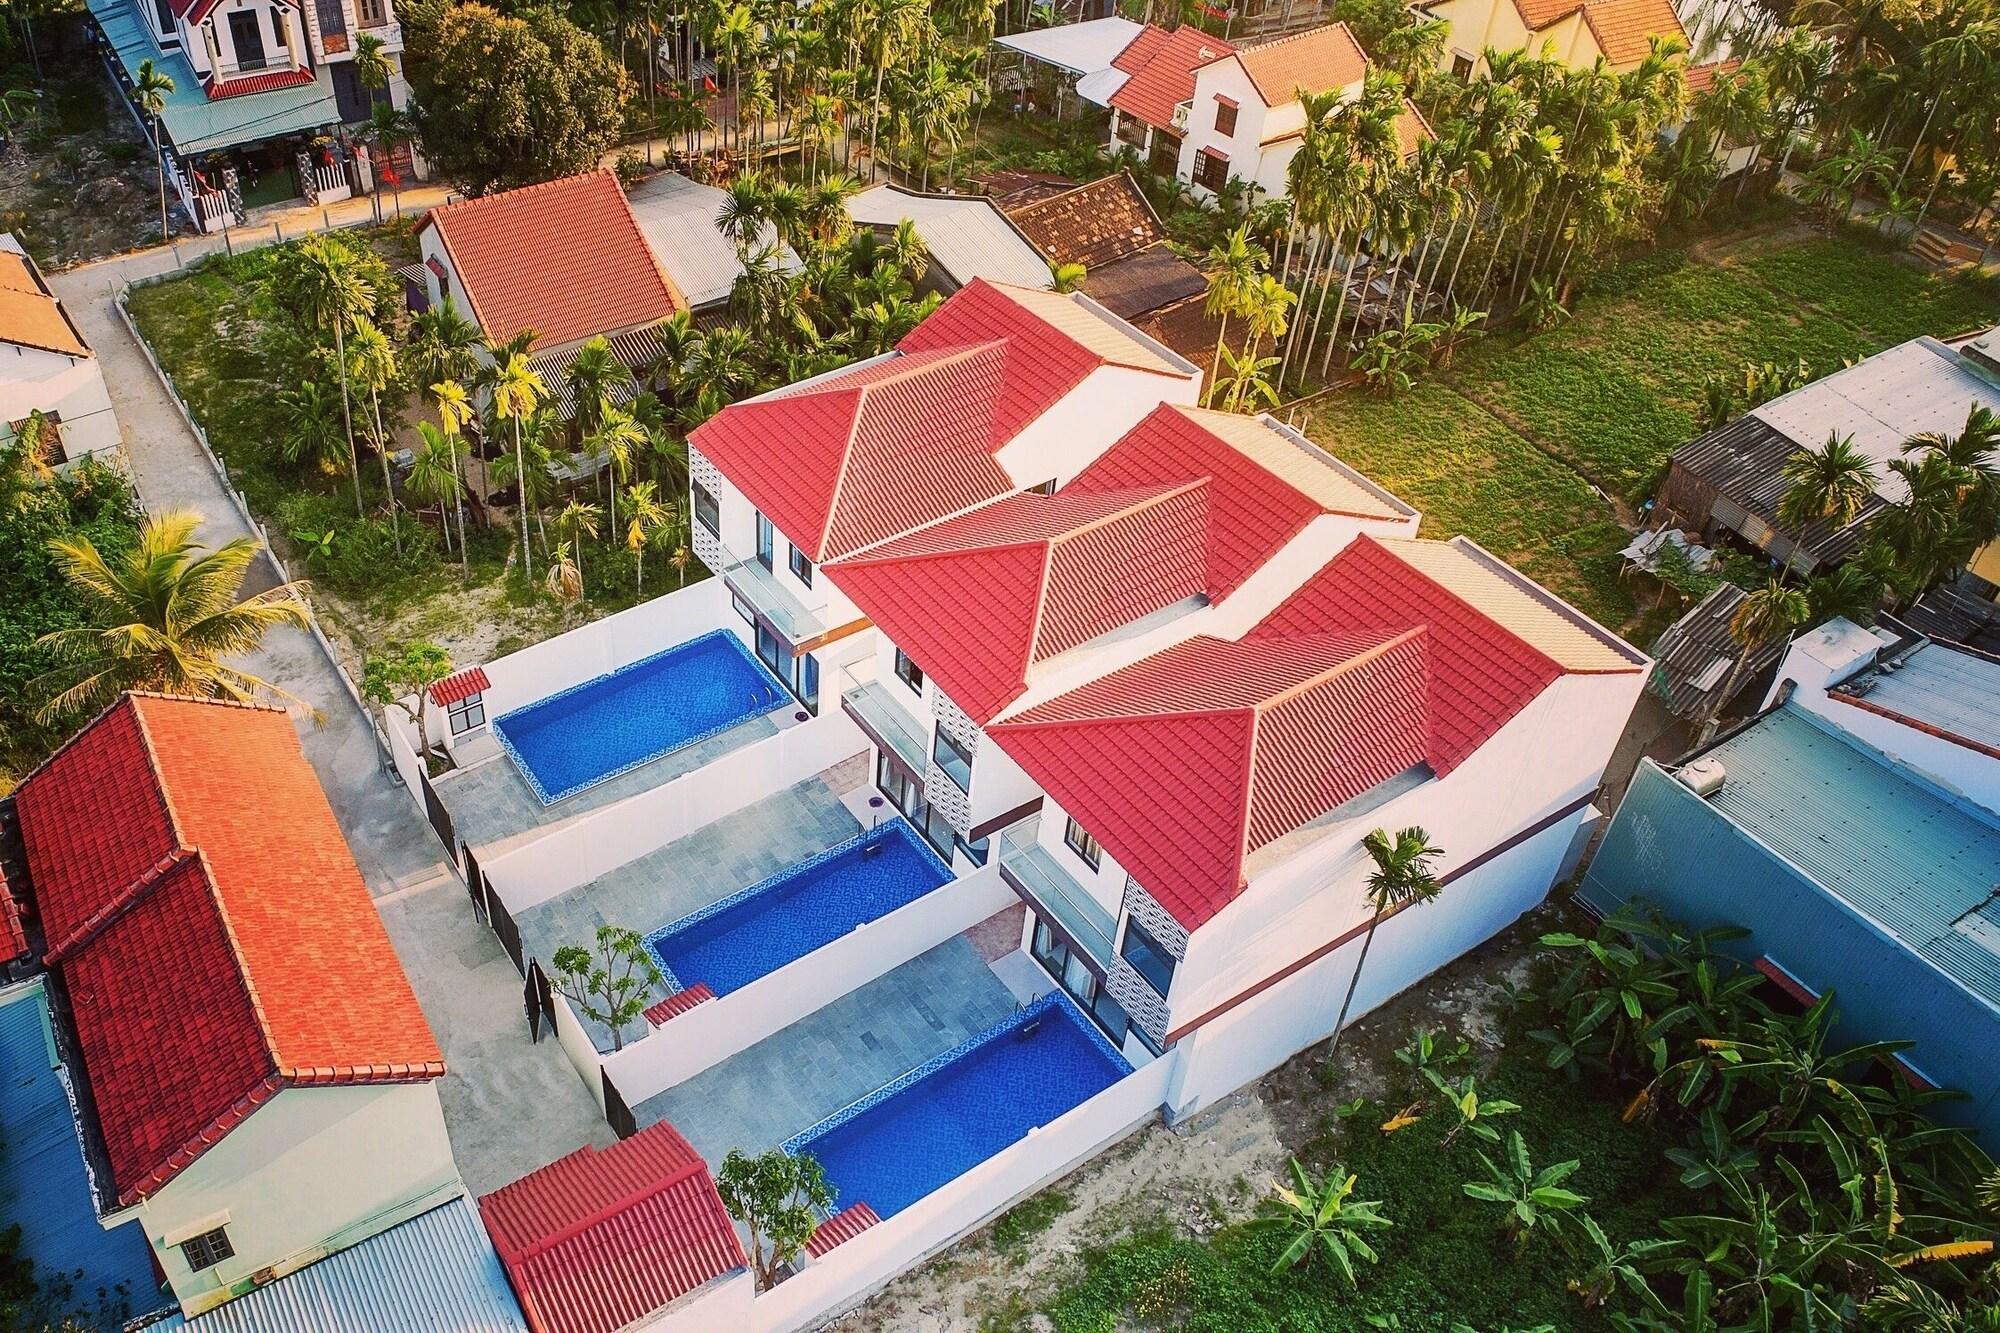 Vu Villa Hoian